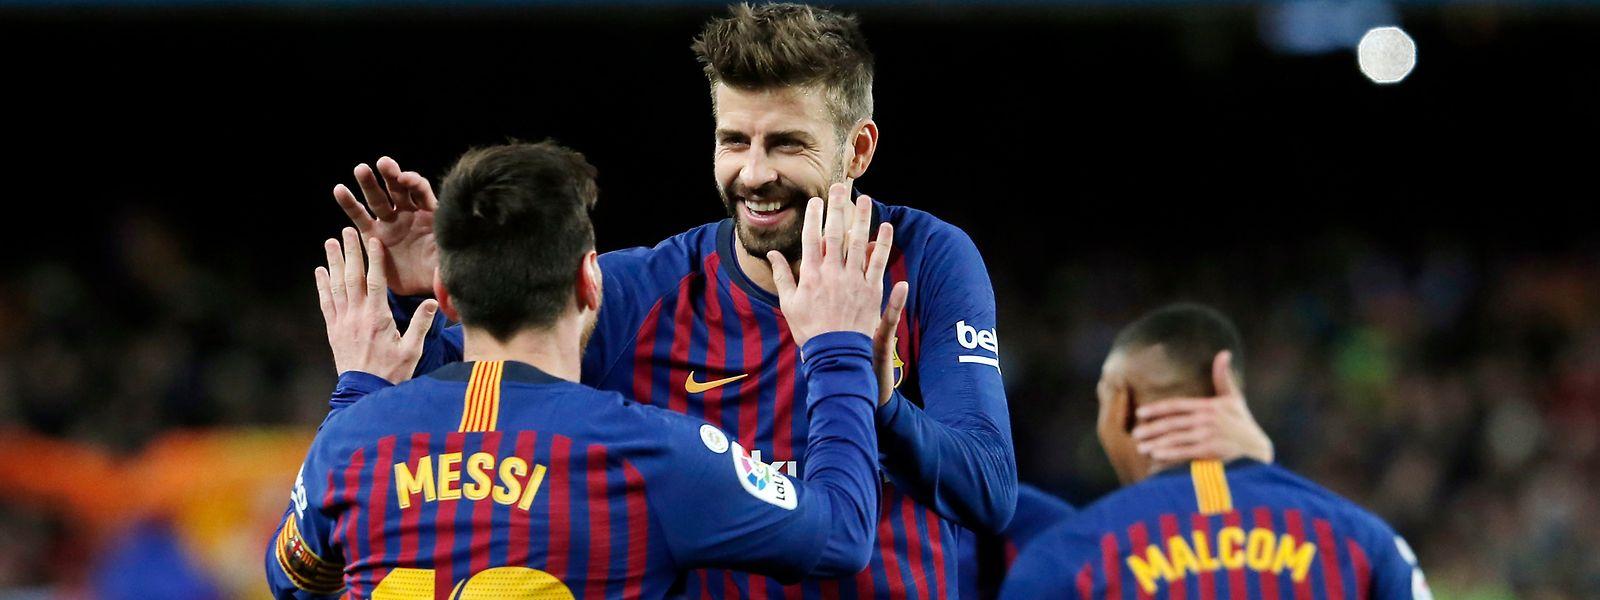 Lionel Messi congratulé par Gerard Piqué, deux atouts d'un Barça conquérant ce mercredi soir à Old Trafford